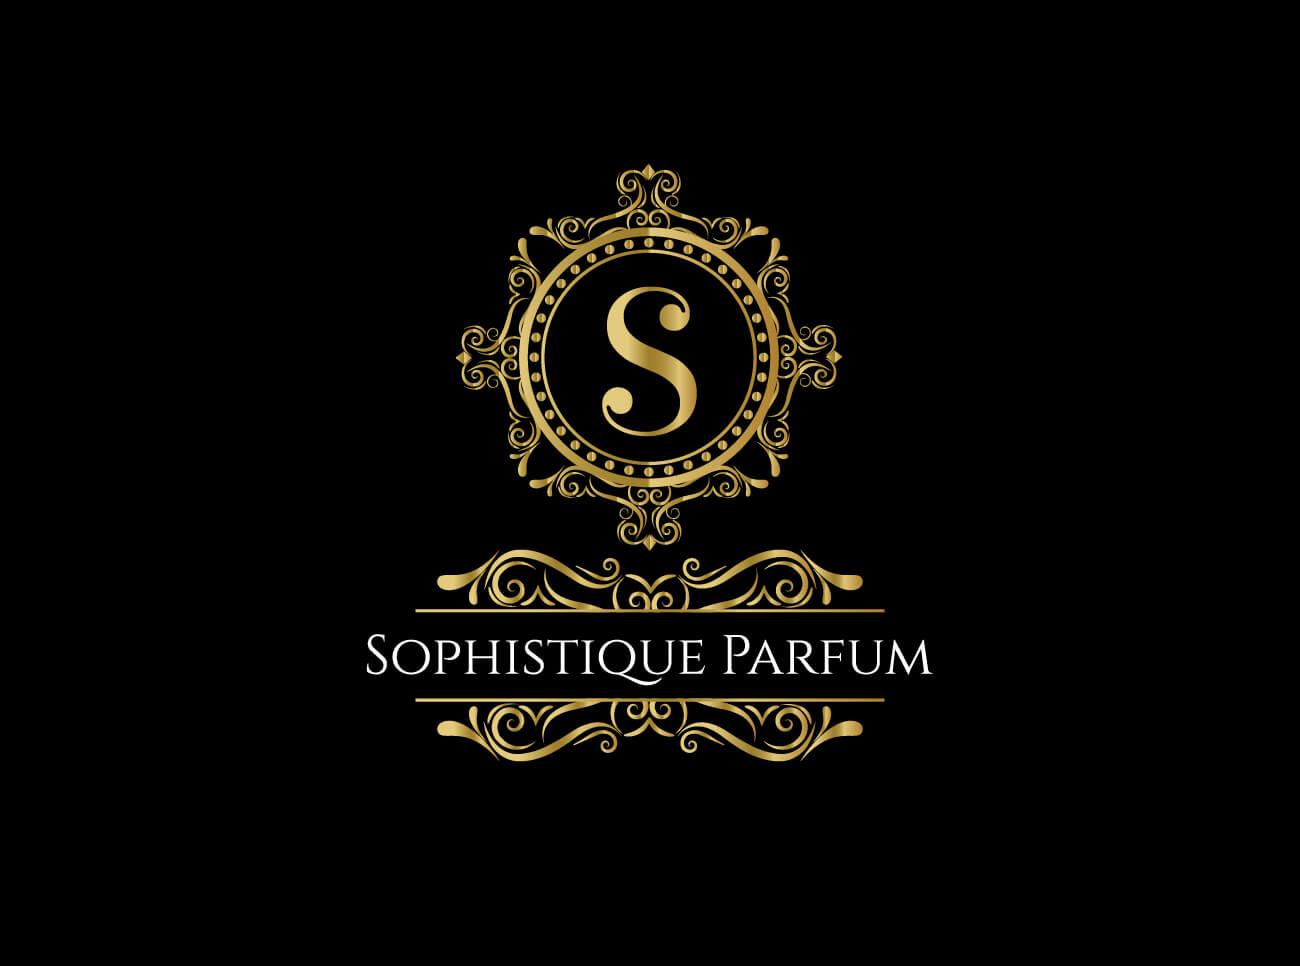 sophistique-parfum